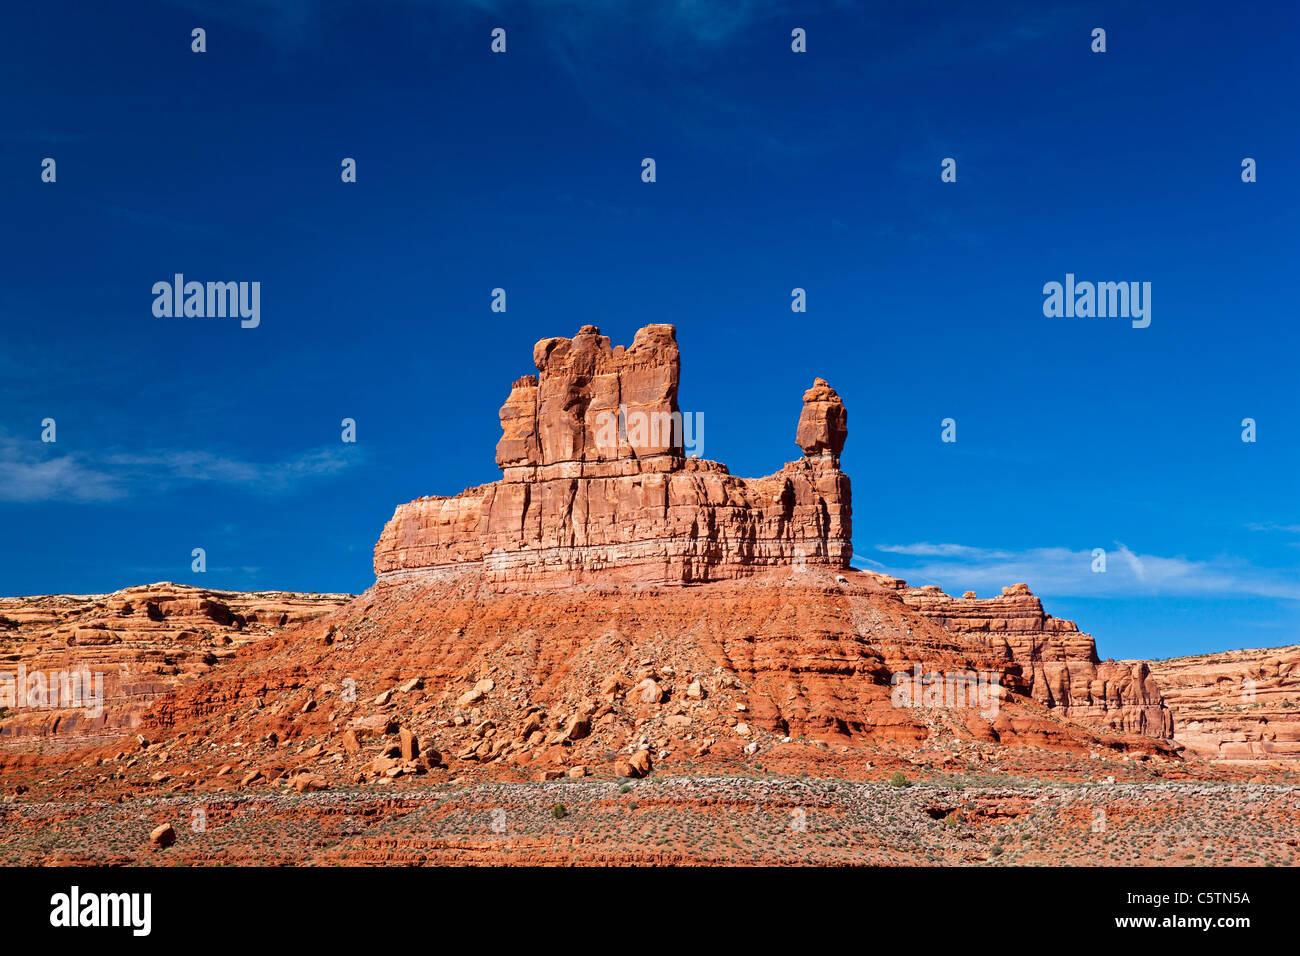 Estados Unidos, Utah, Valle de los dioses, paisaje desértico Imagen De Stock